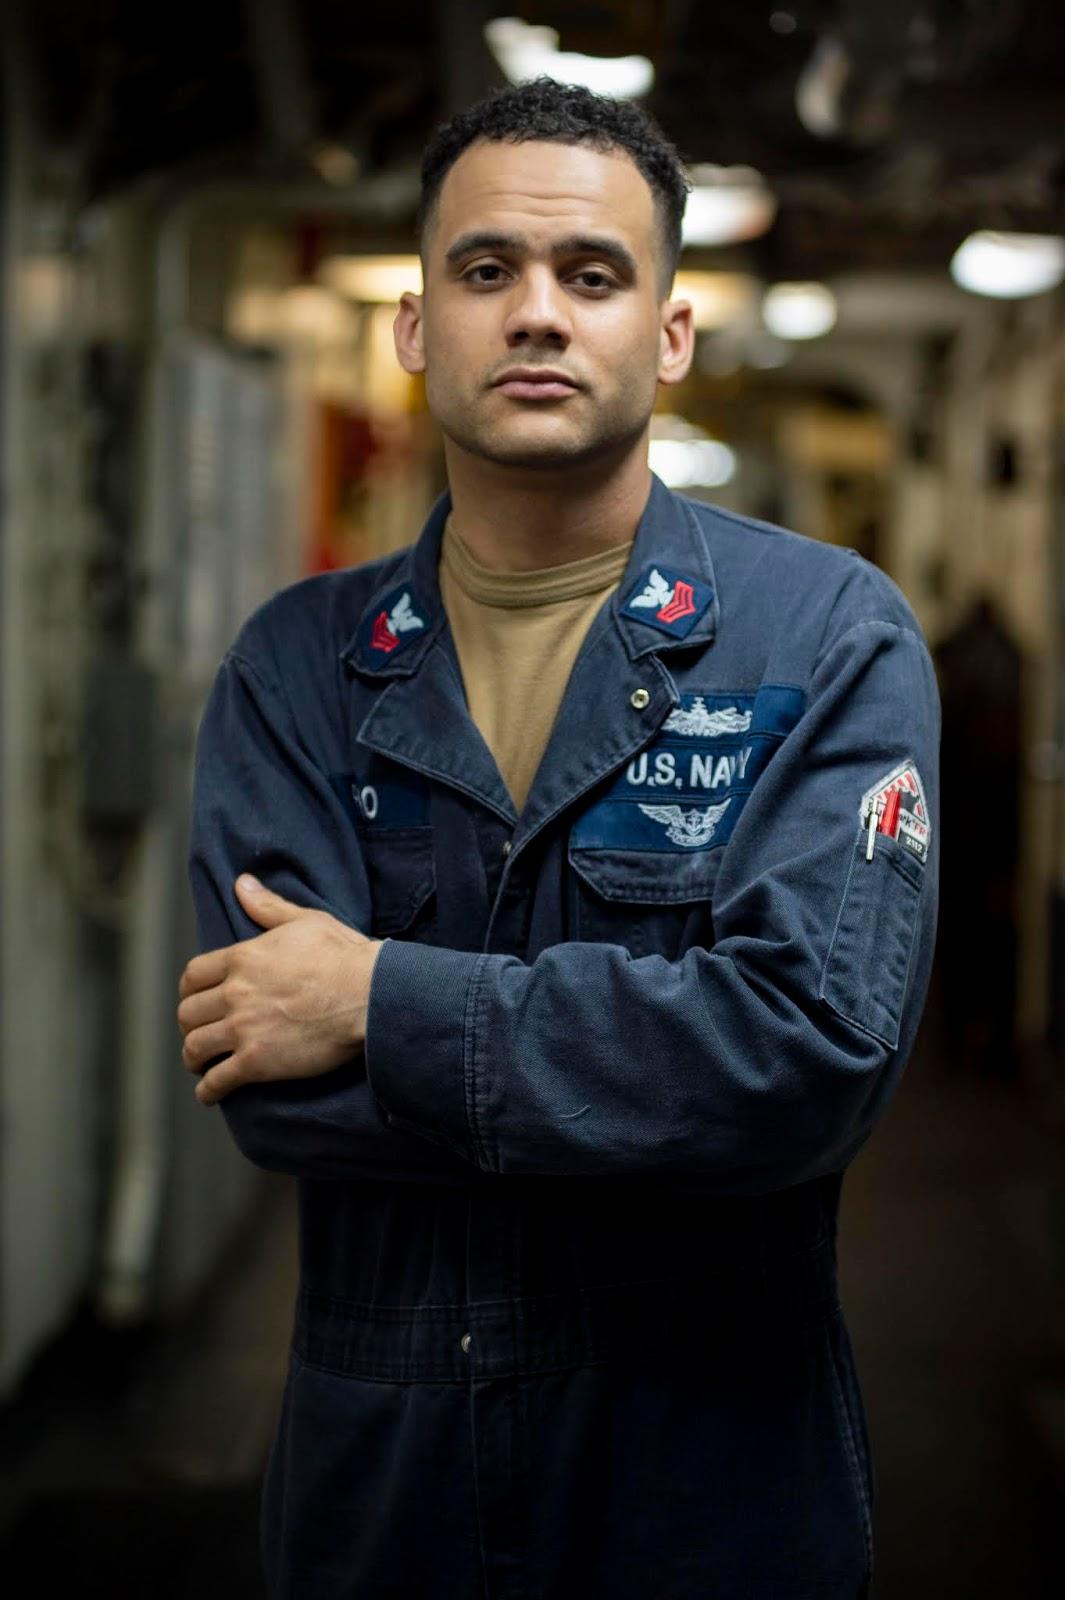 jacksonville sailor returns home after middle east deployment